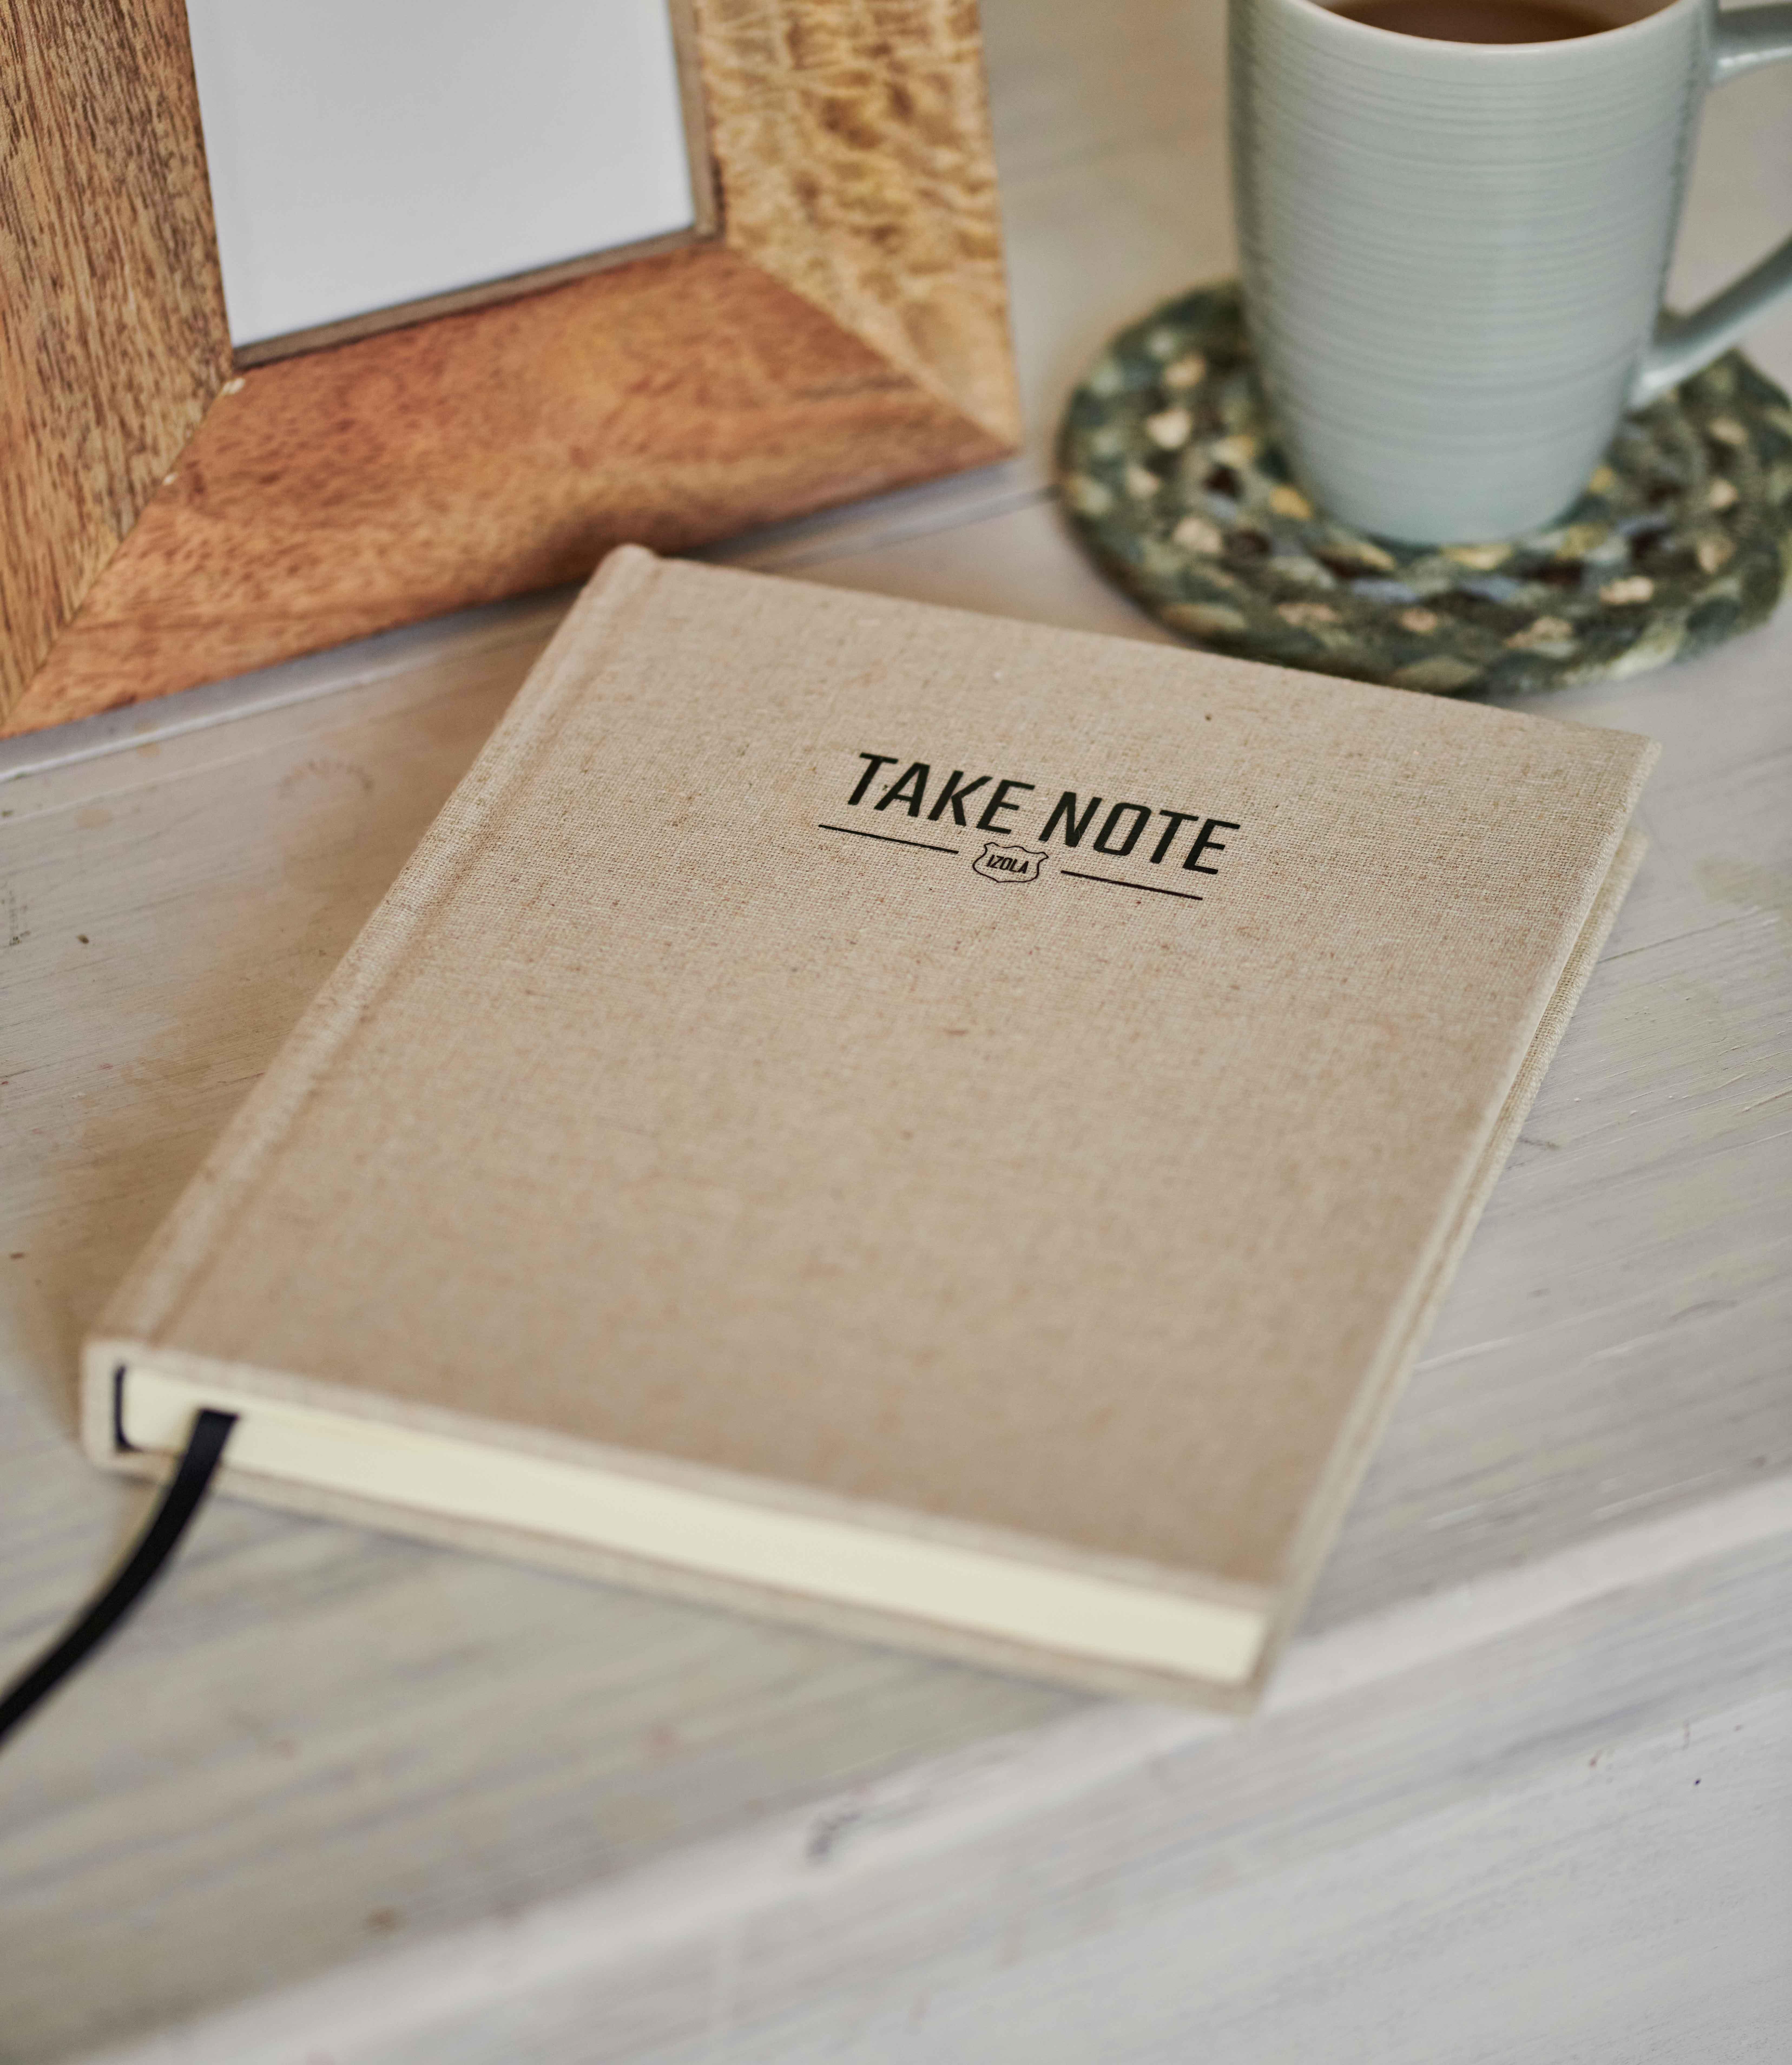 Notizbuch mit Leinenumschlag